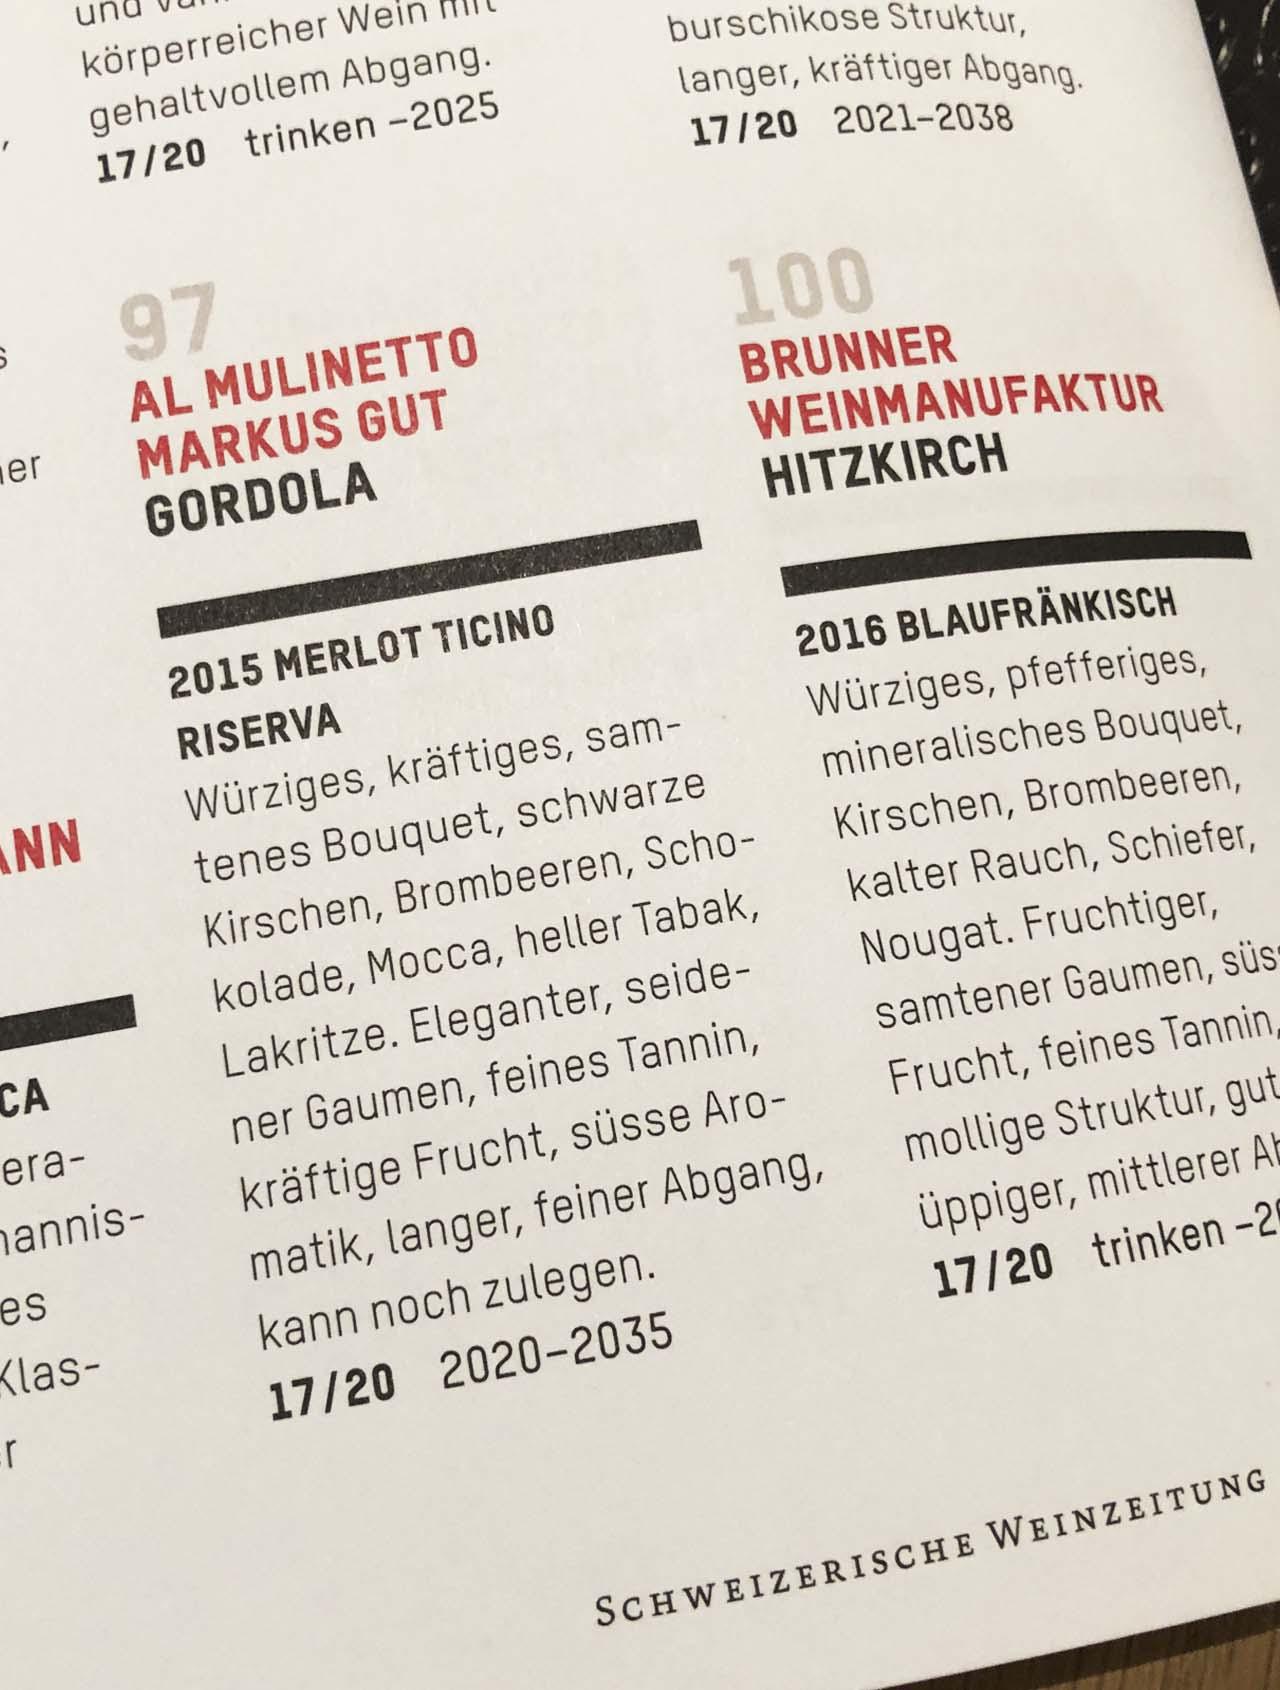 Almulinetto_Schweizer-Weinzeitung